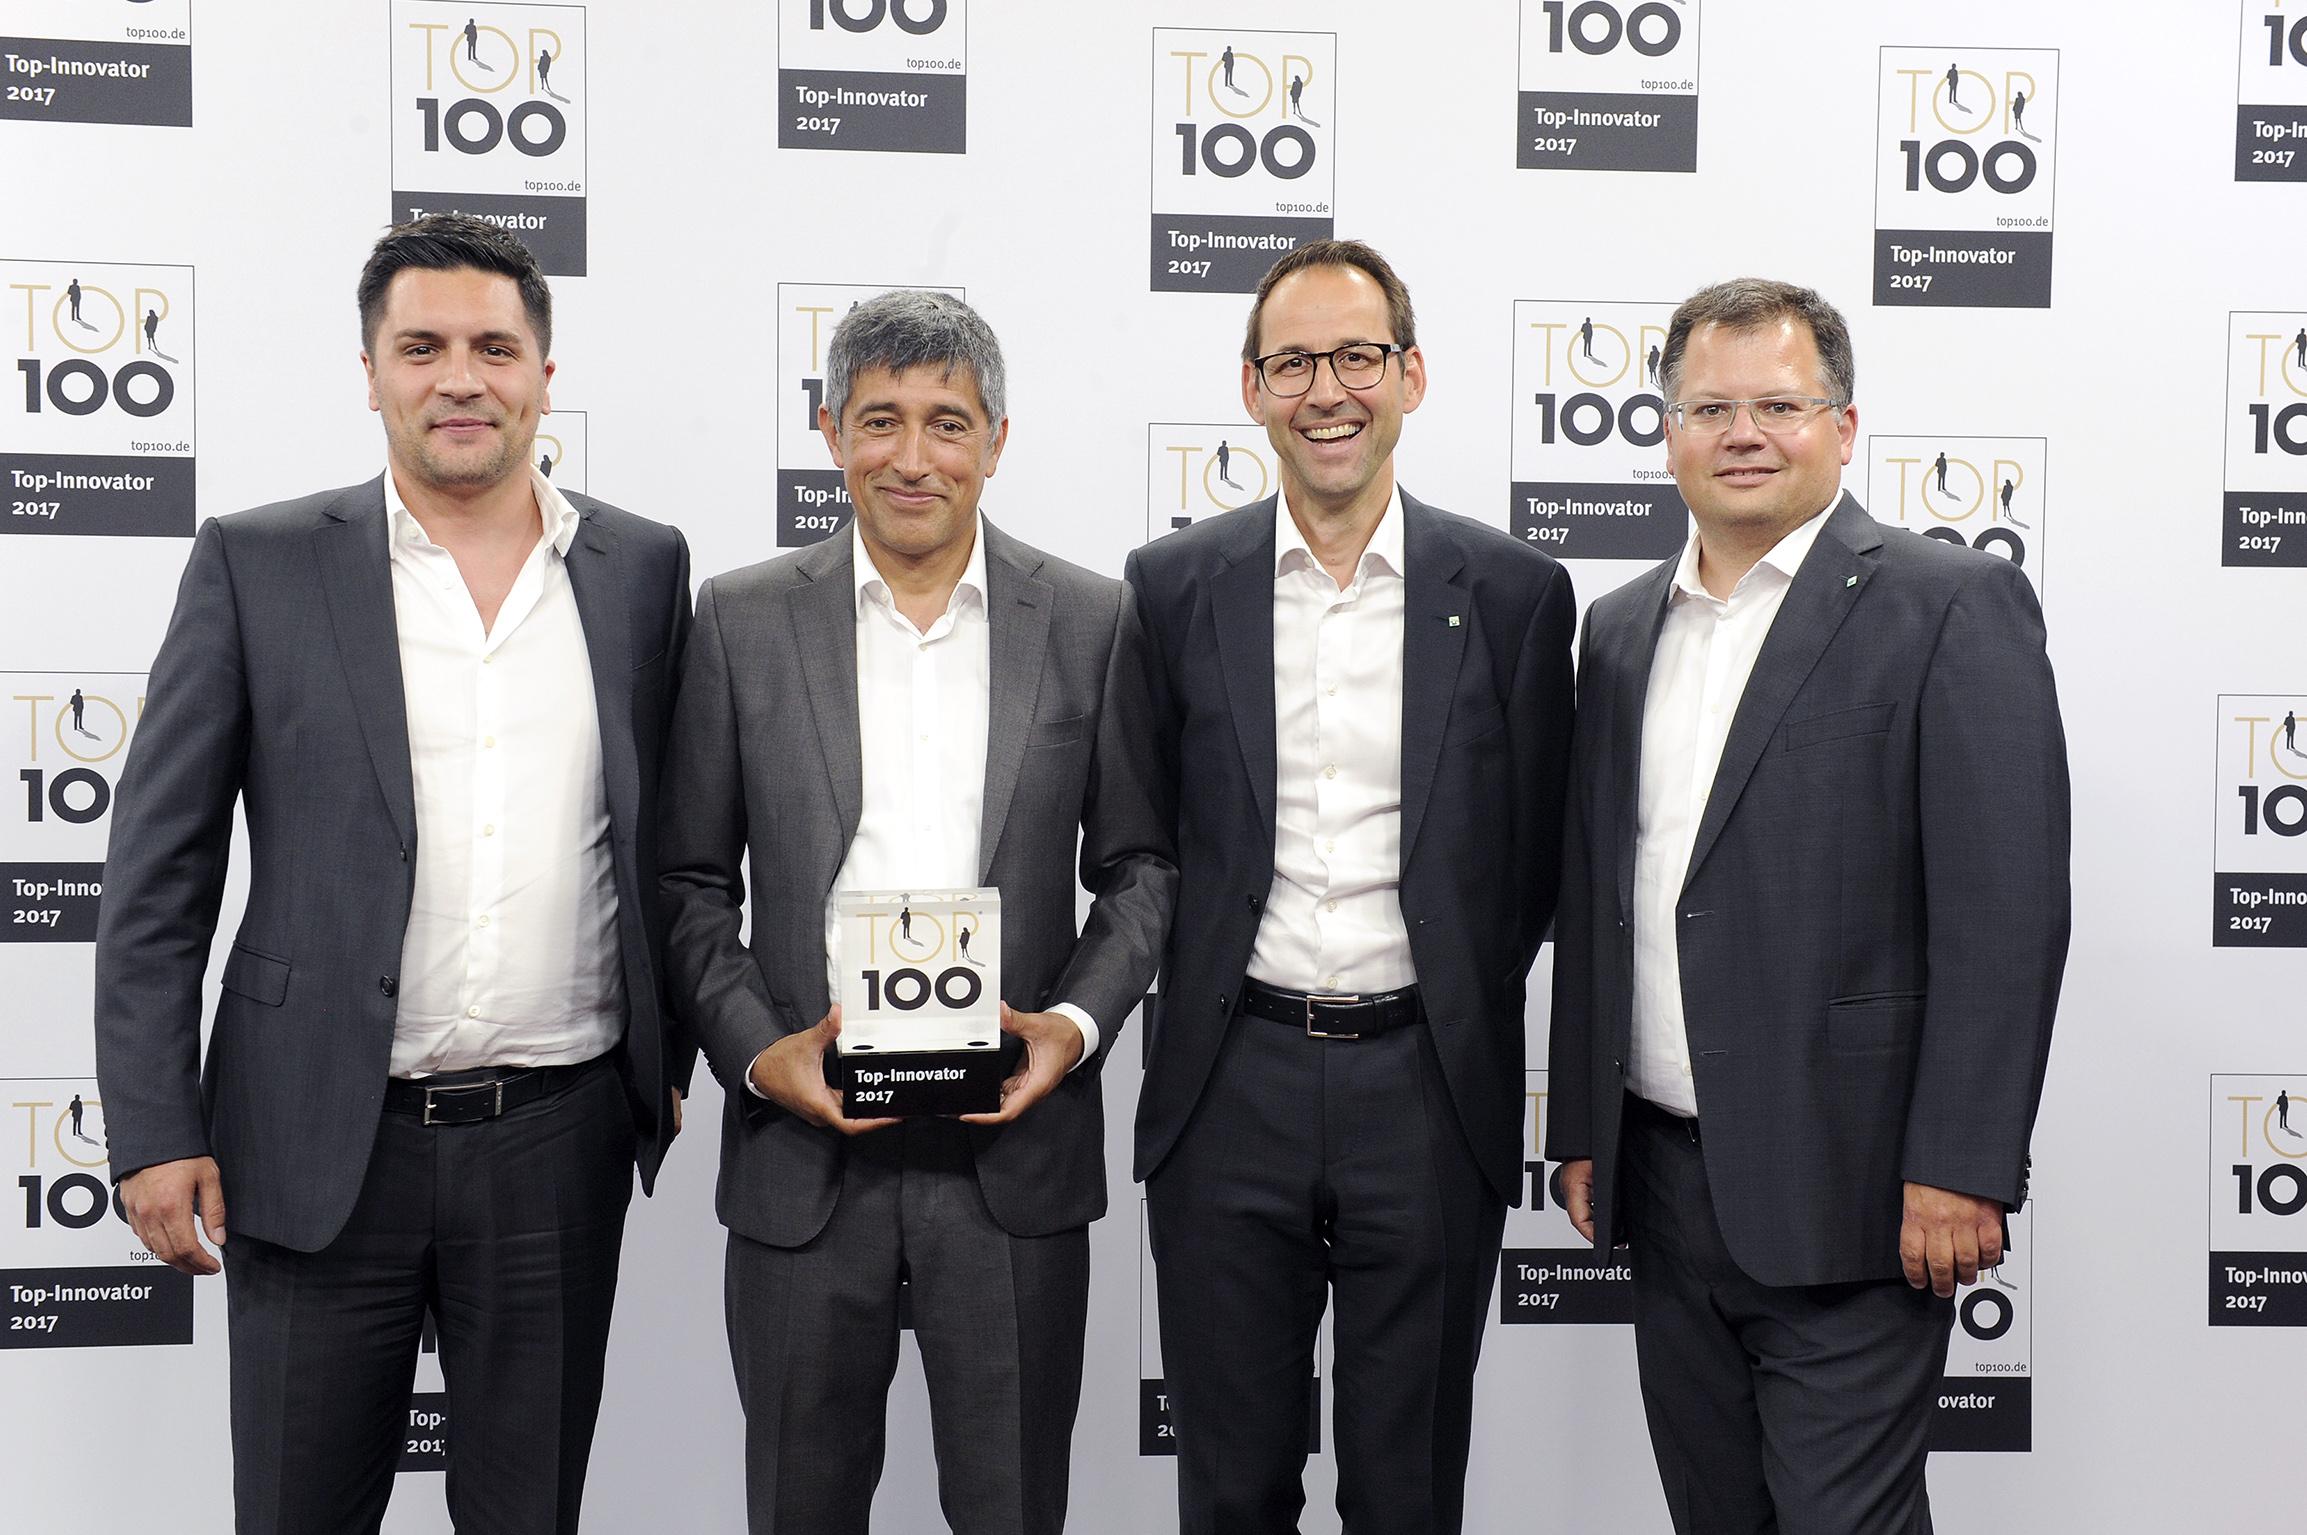 Weisenburger Bau Karlsruhe : weisenburger bau 2017 wieder als top innovator ~ Watch28wear.com Haus und Dekorationen